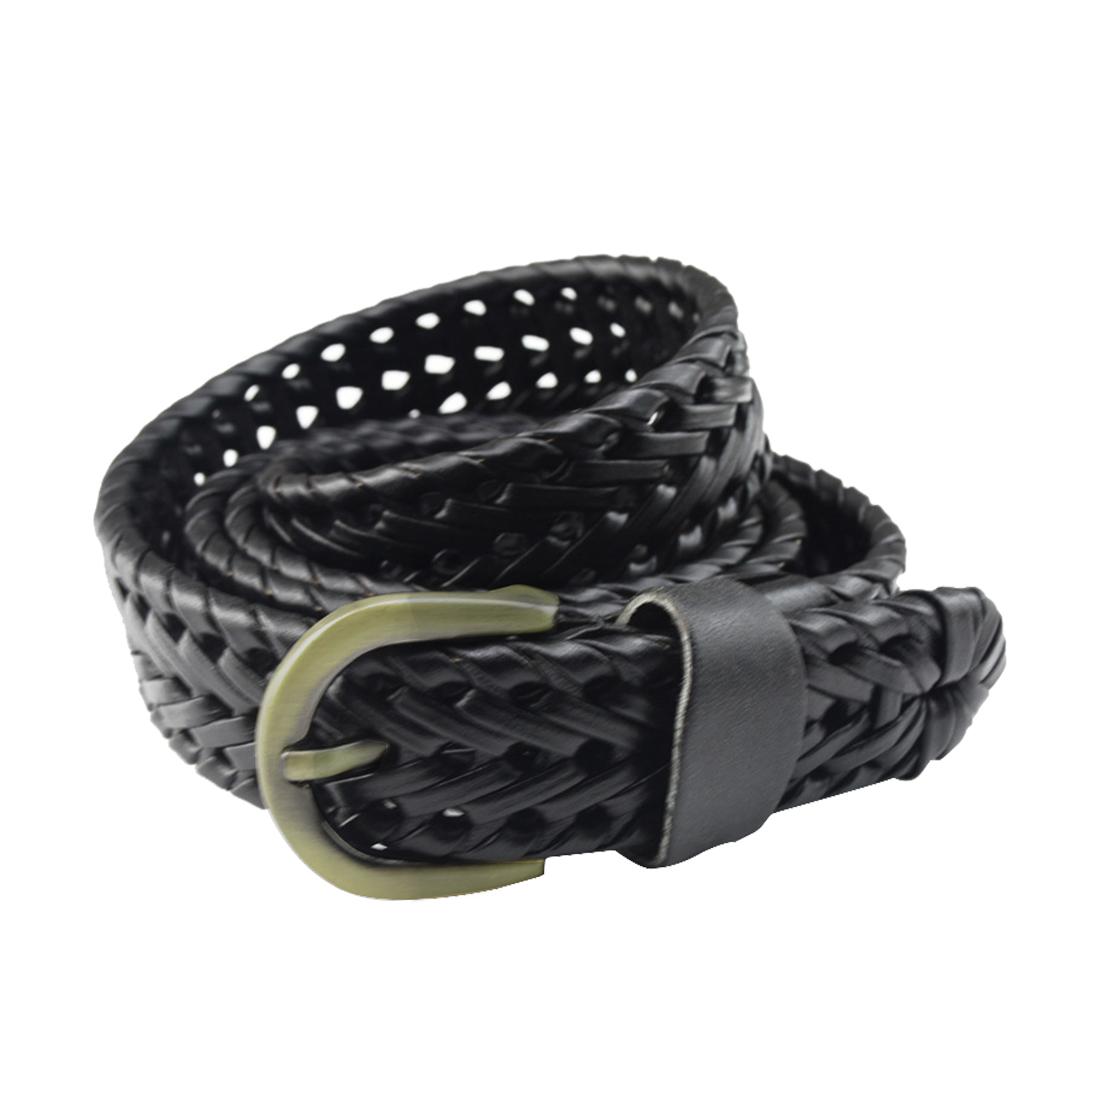 Unisex Braided Alloy Single Pin Buckle Imitation Leather Belt Black